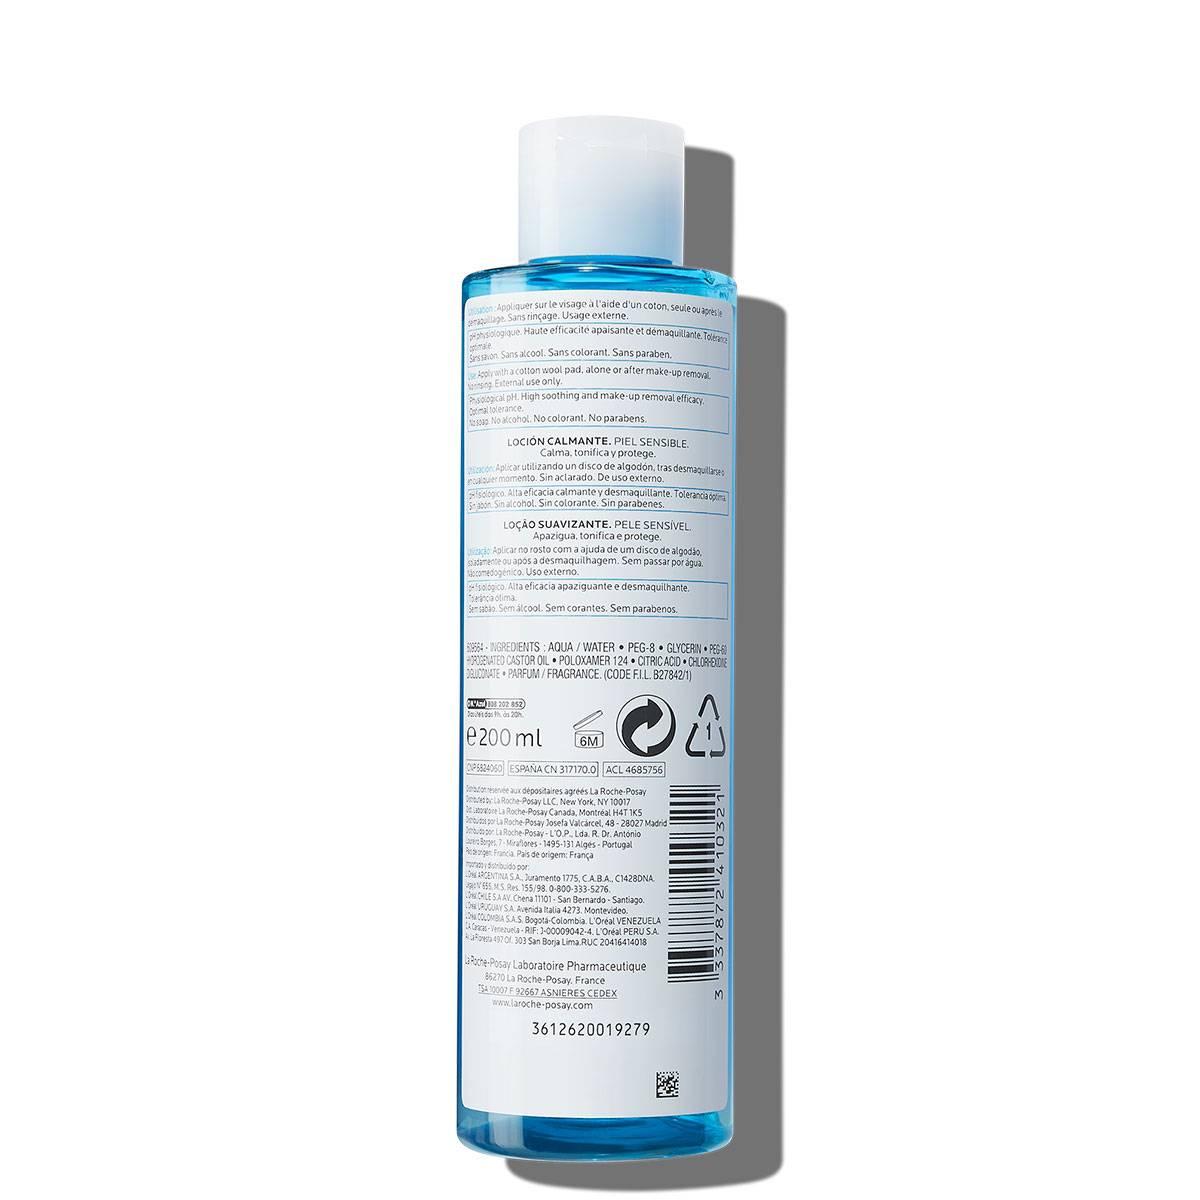 La Roche Posay StránkaProduktu Fyziologická čisticí péče na obličej Zklidňující mléko